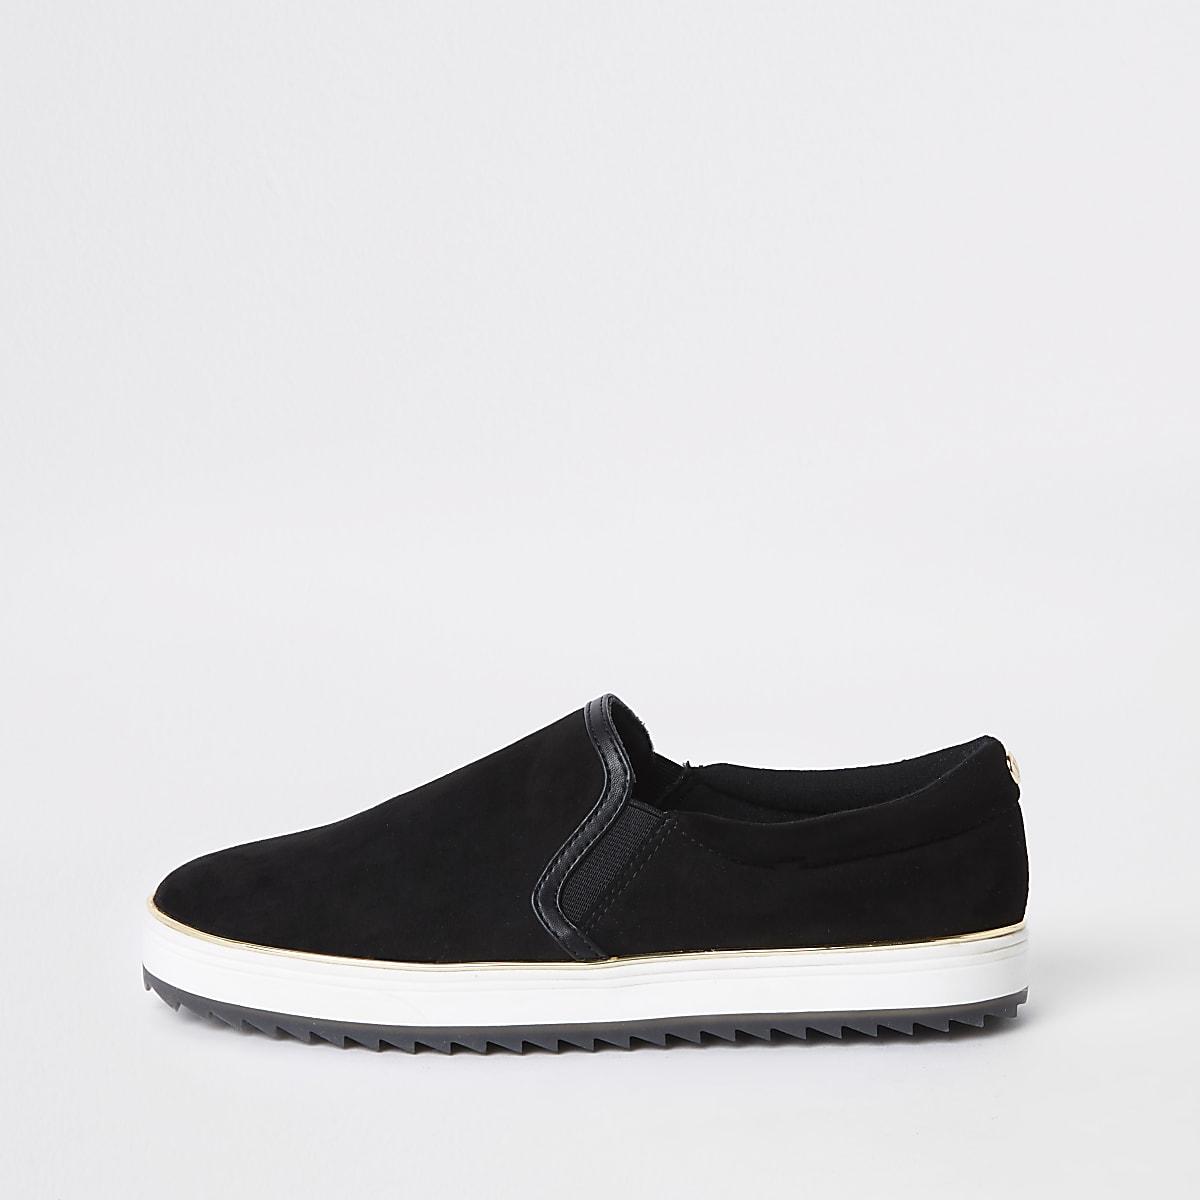 Black faux suede slip on sneakers